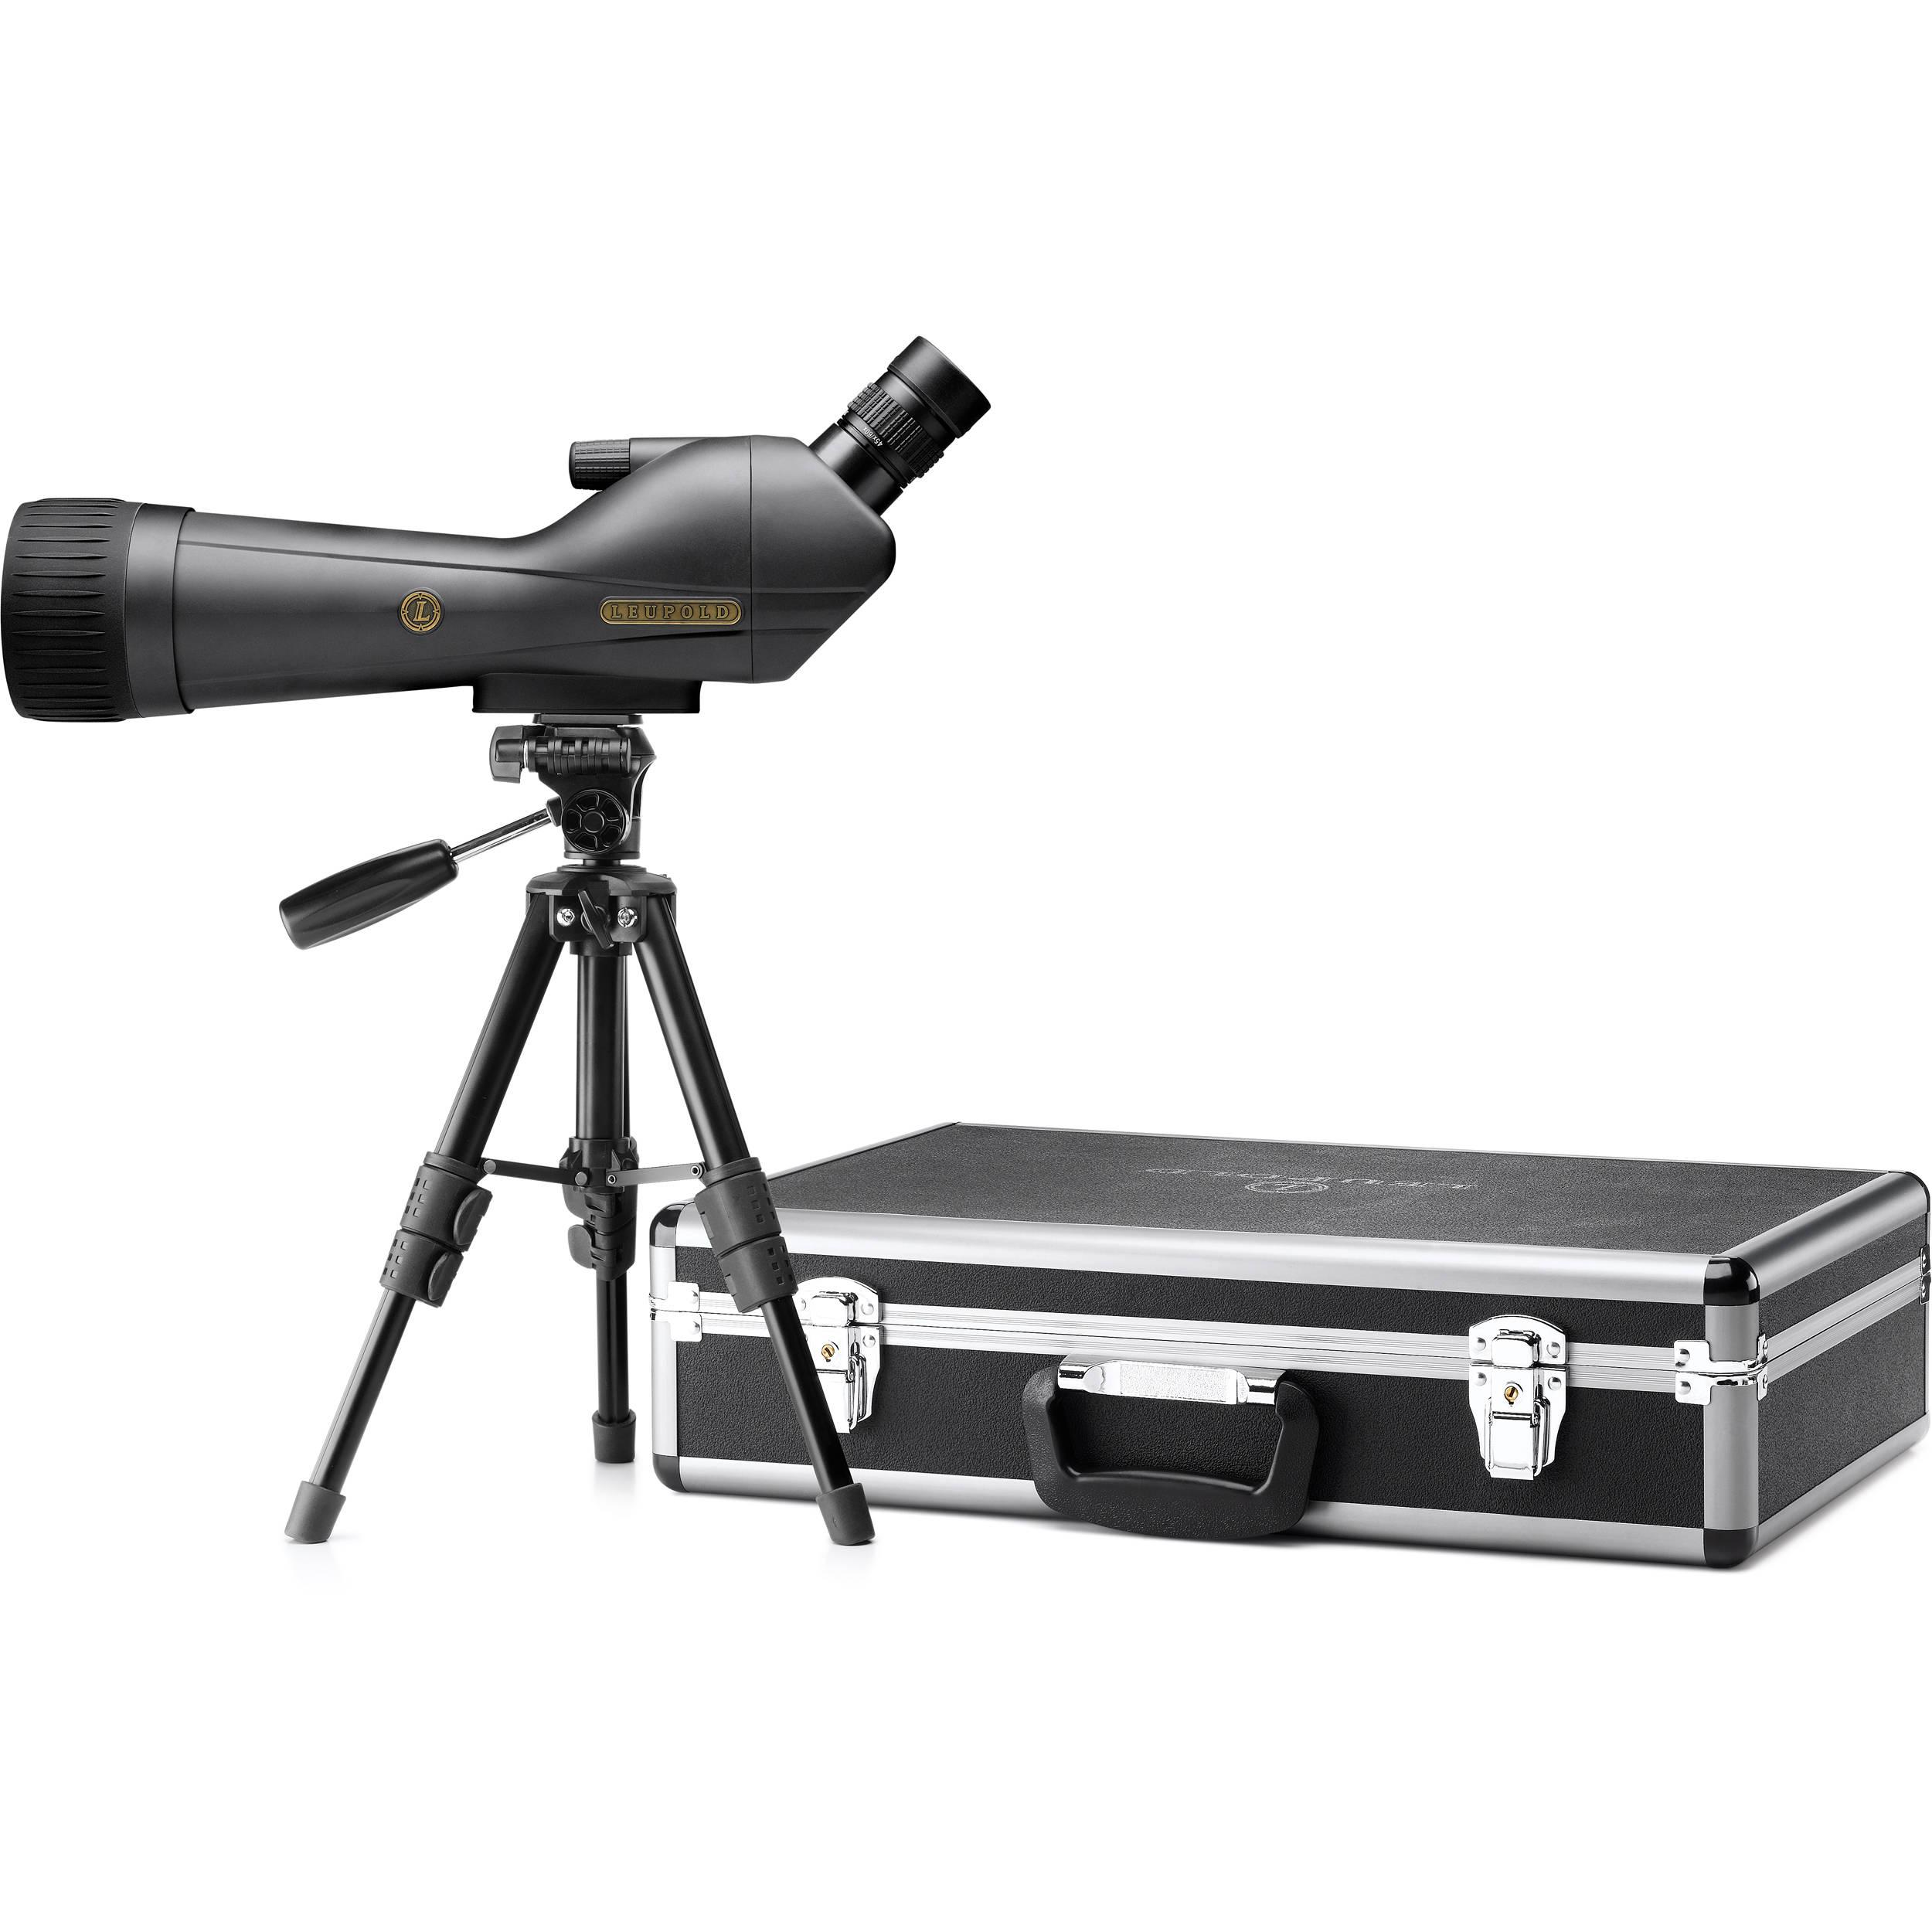 RX-2800 TBR/W Laser Rangefinder Matte Black Leupold 171910